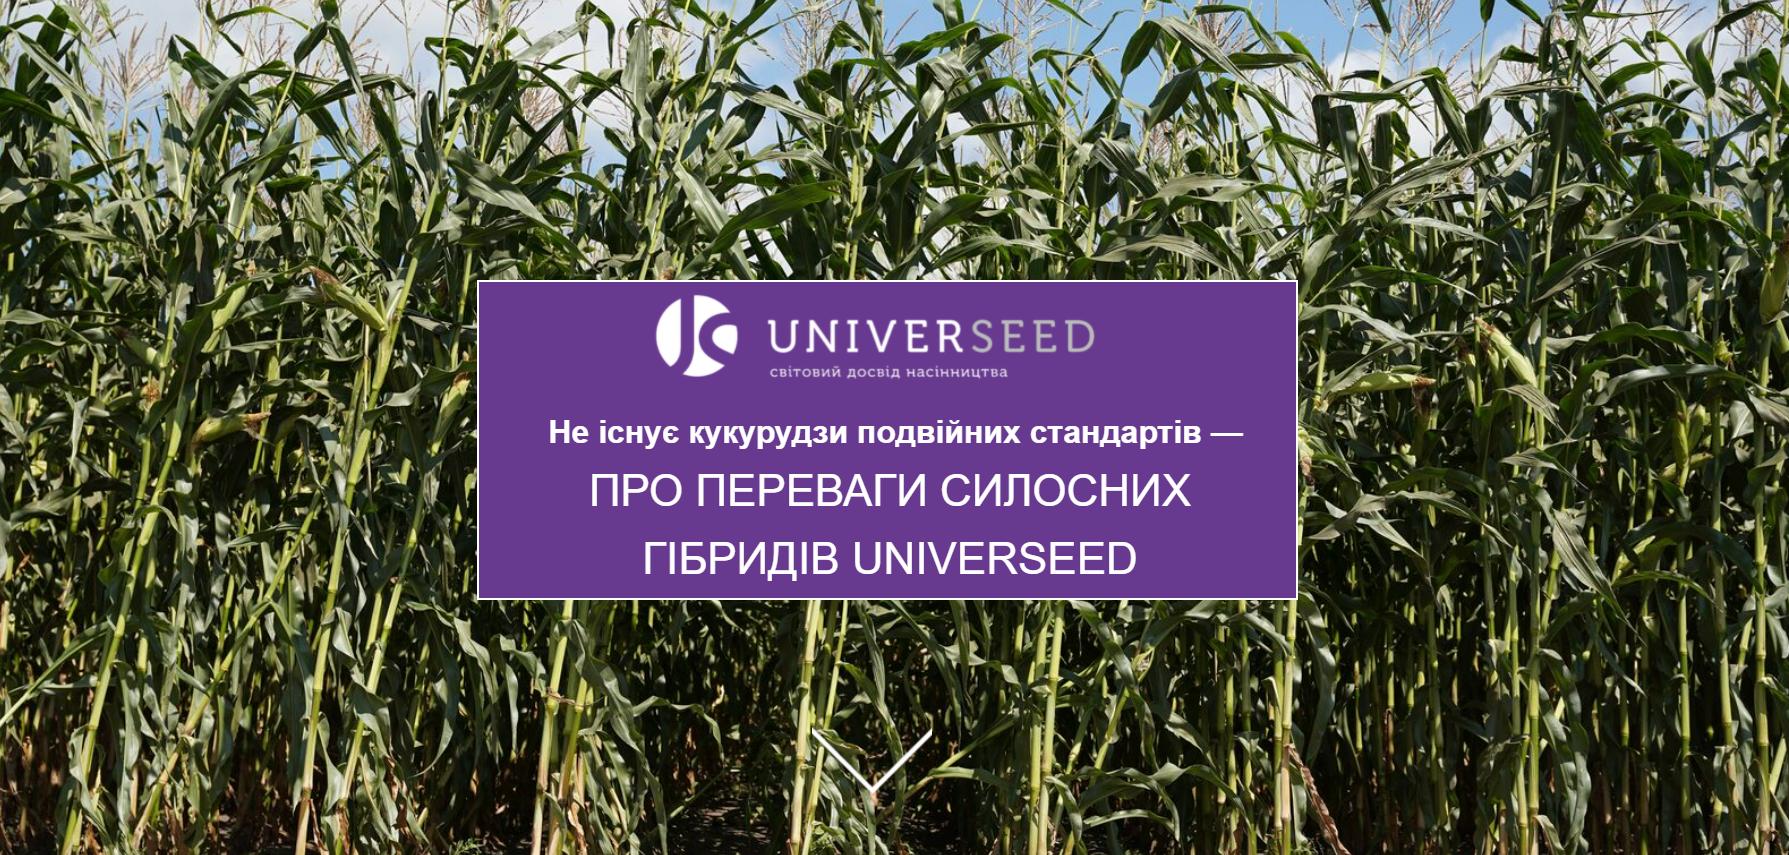 Не існує кукурудзи подвійних стандартів — ПРО ПЕРЕВАГИ СИЛОСНИХ ГІБРИДІВ UNIVERSEED фото 1 LNZ Group